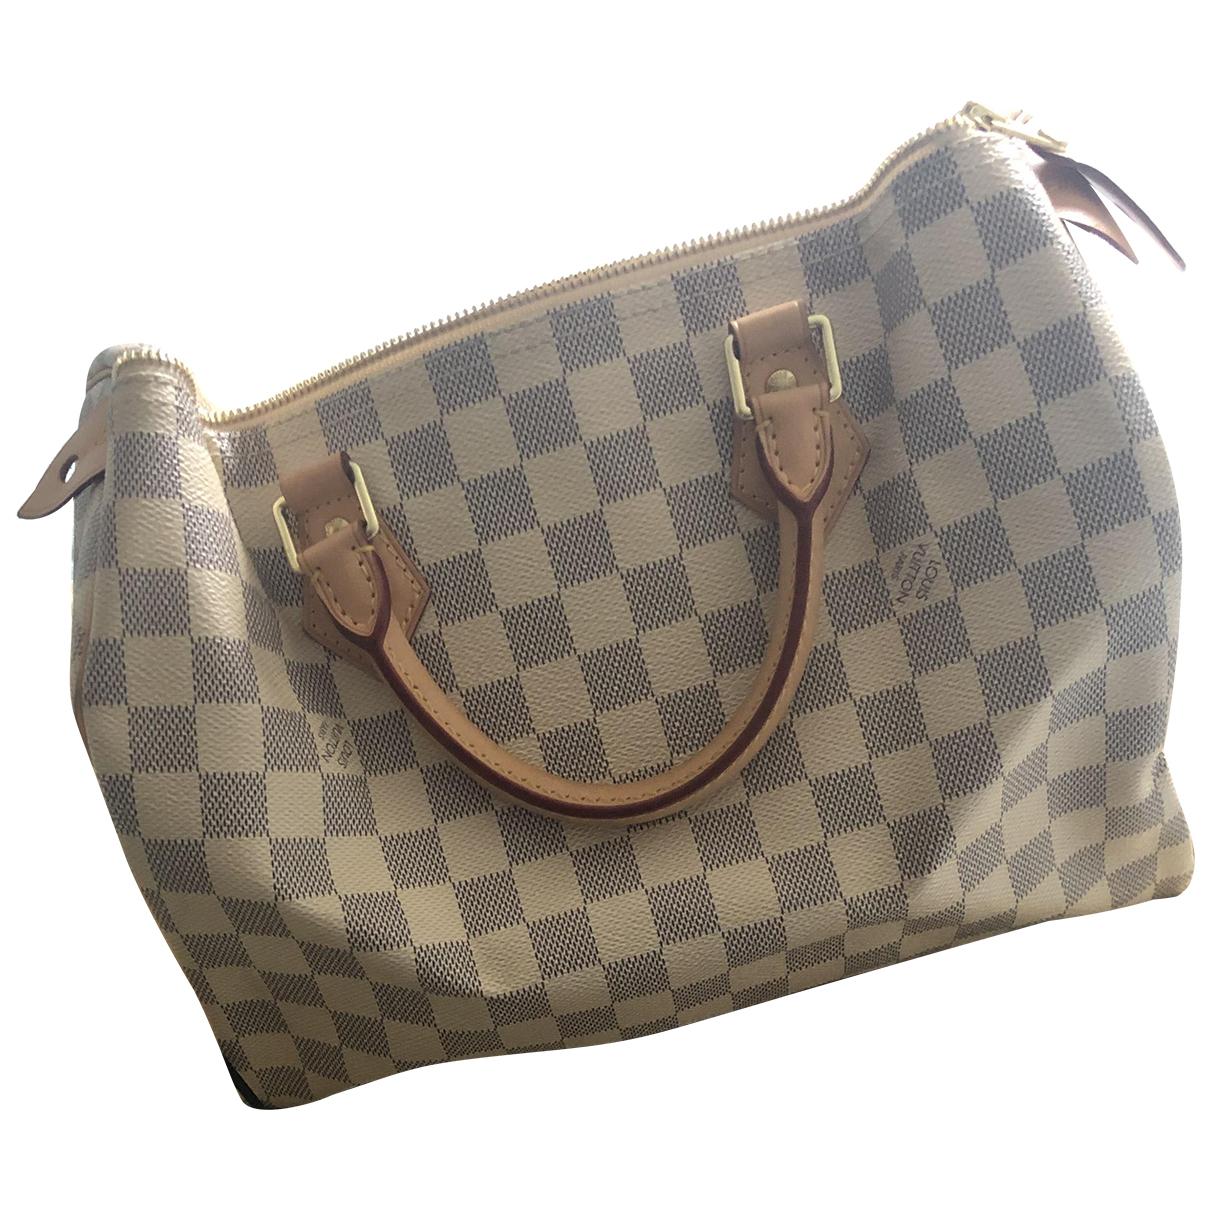 Louis Vuitton Speedy White Cloth handbag for Women N